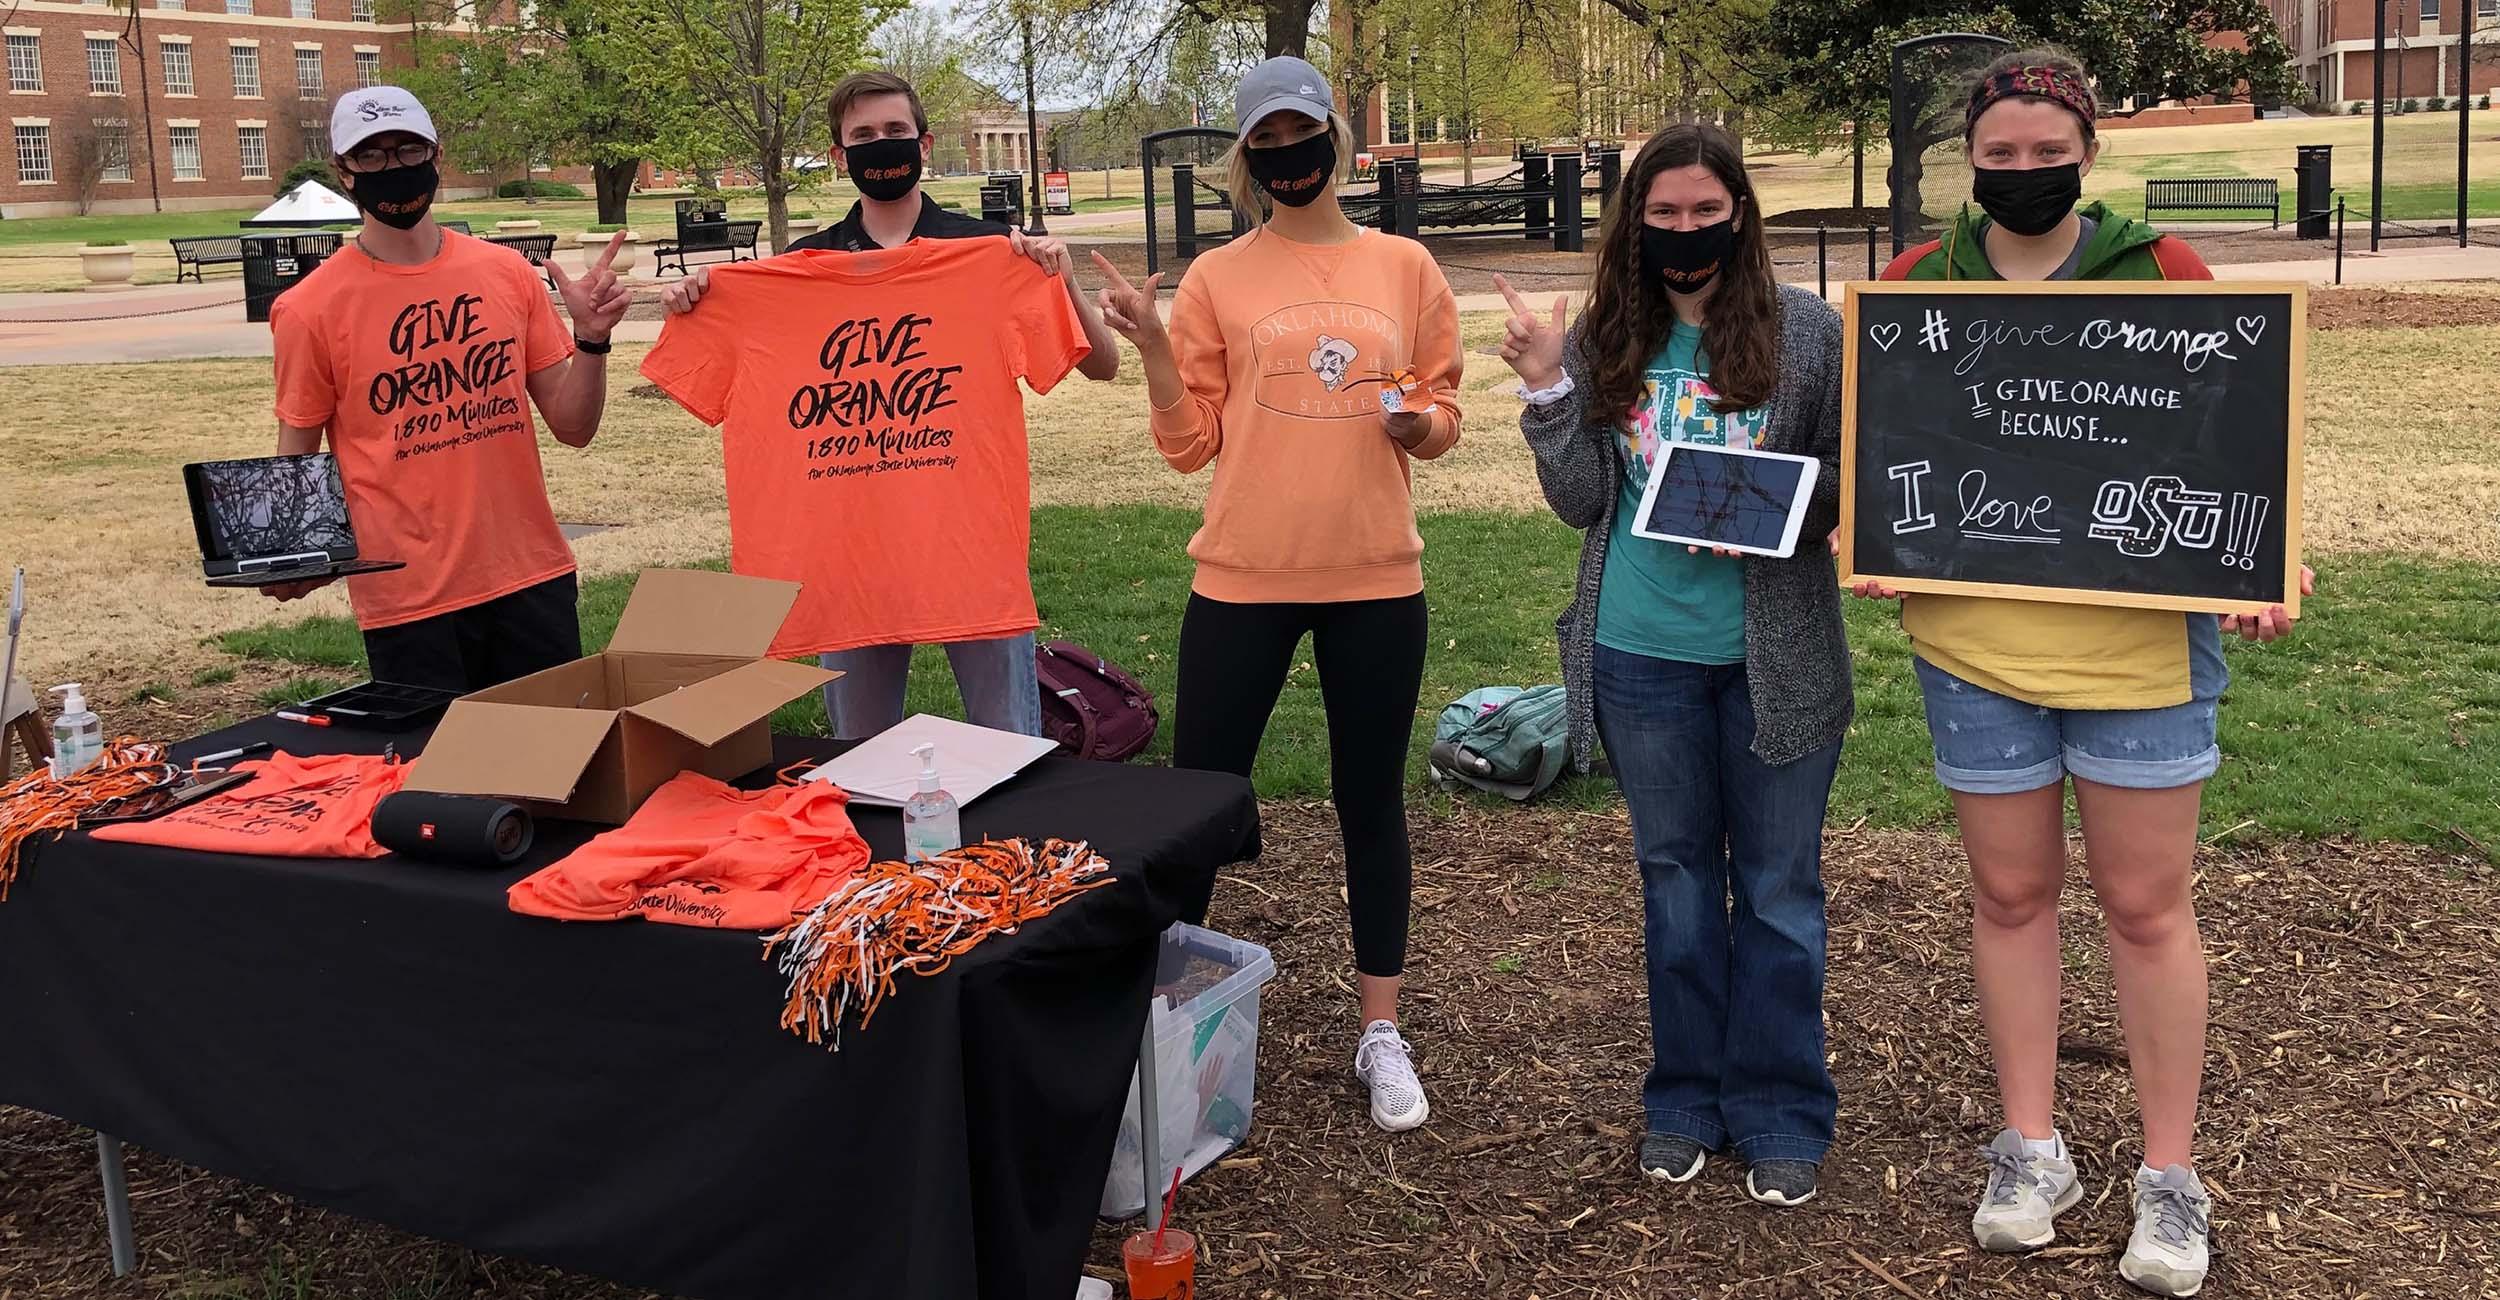 Students hold up Give Orange shirts.